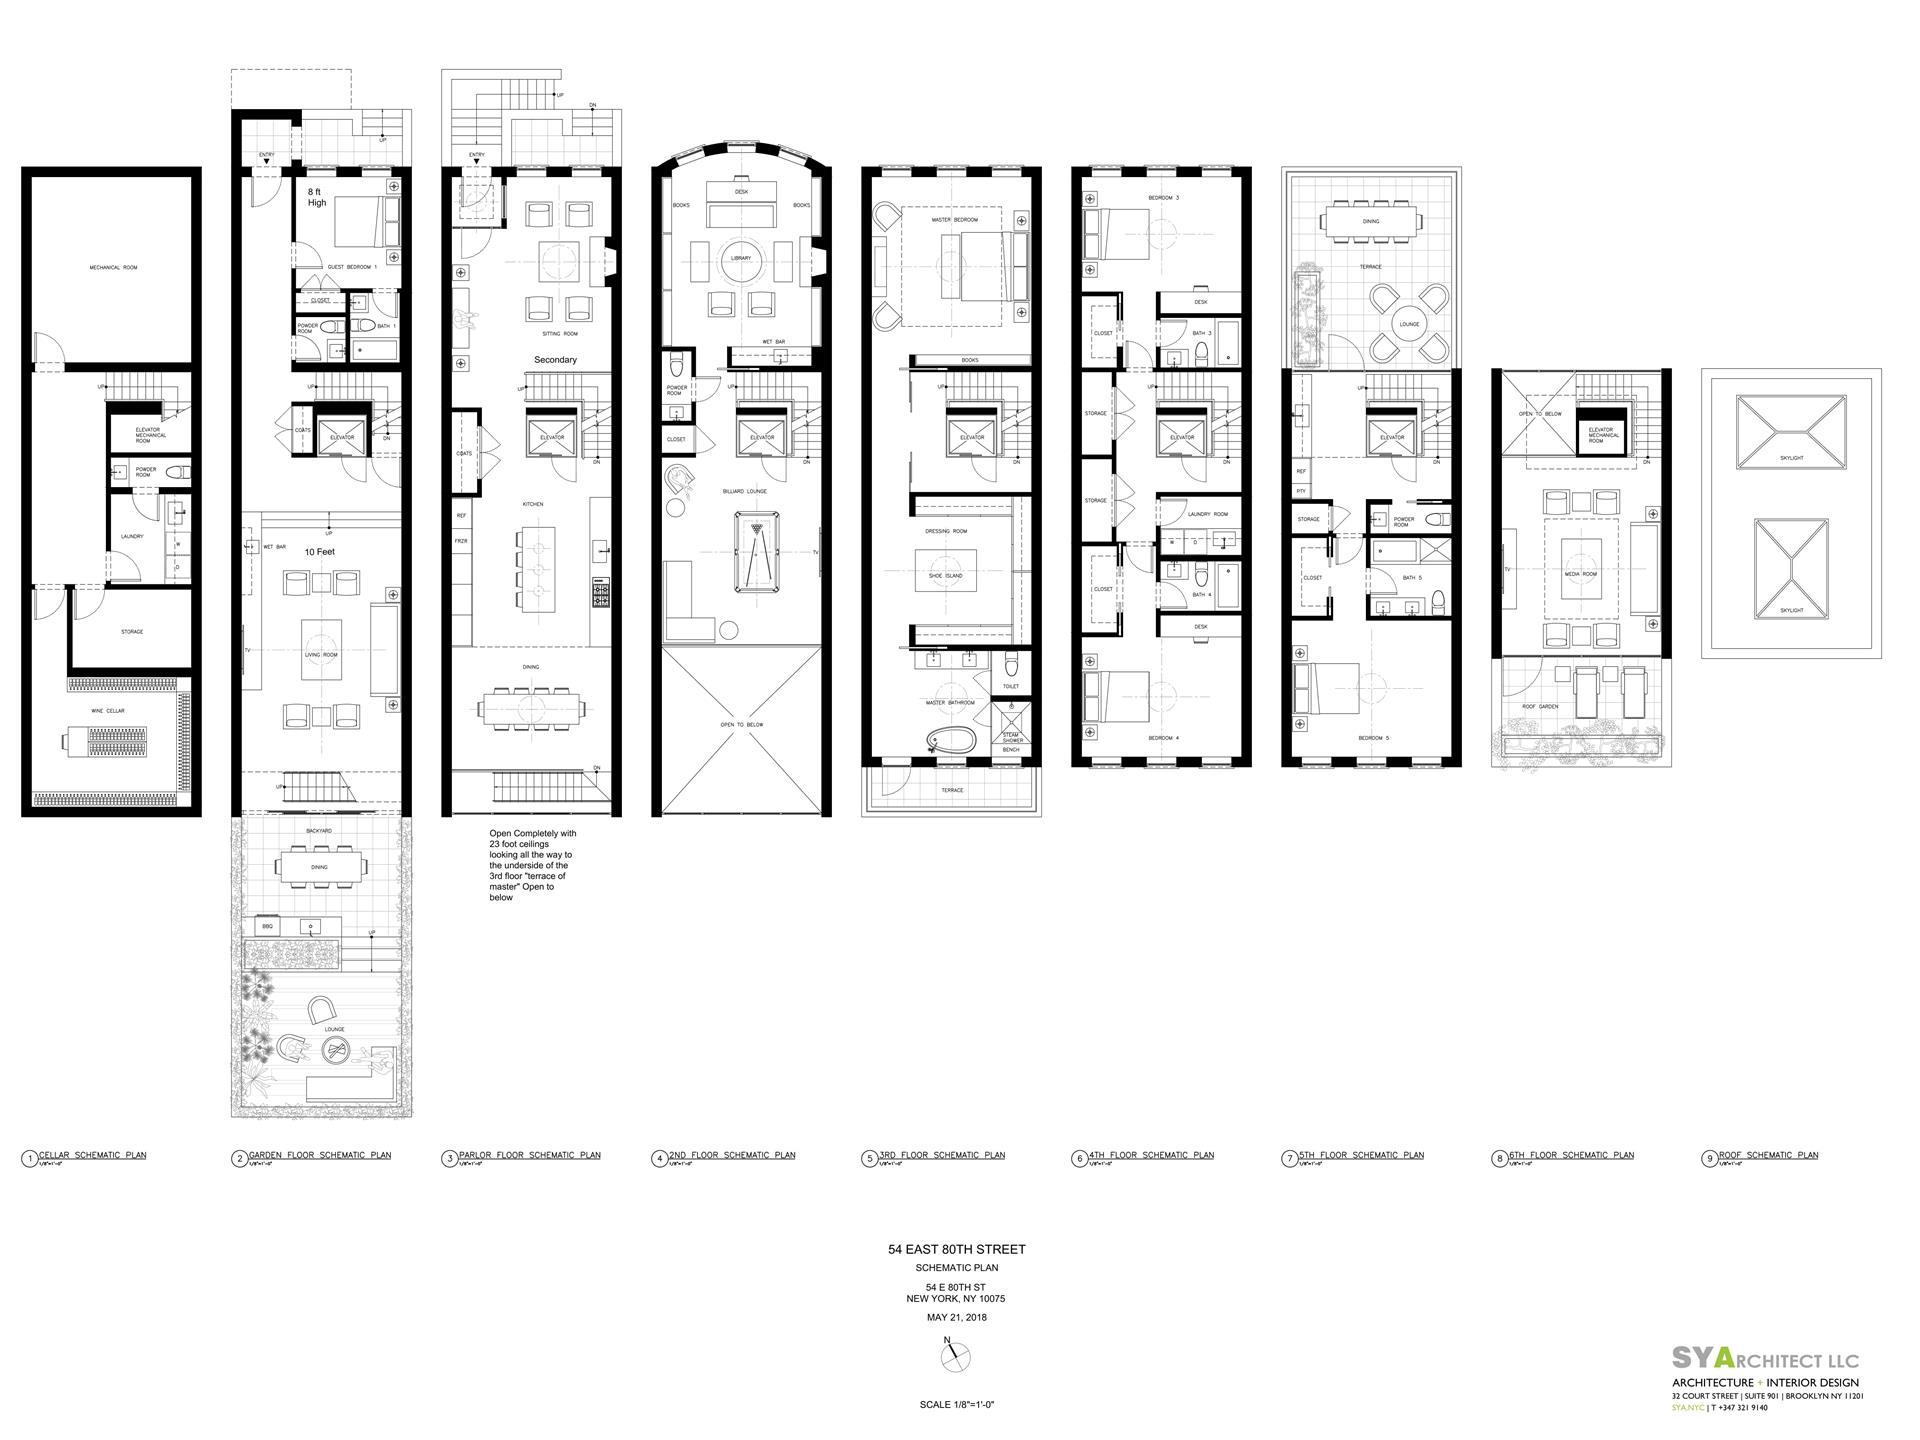 Floor plan of 54 East 80th St - Upper East Side, New York